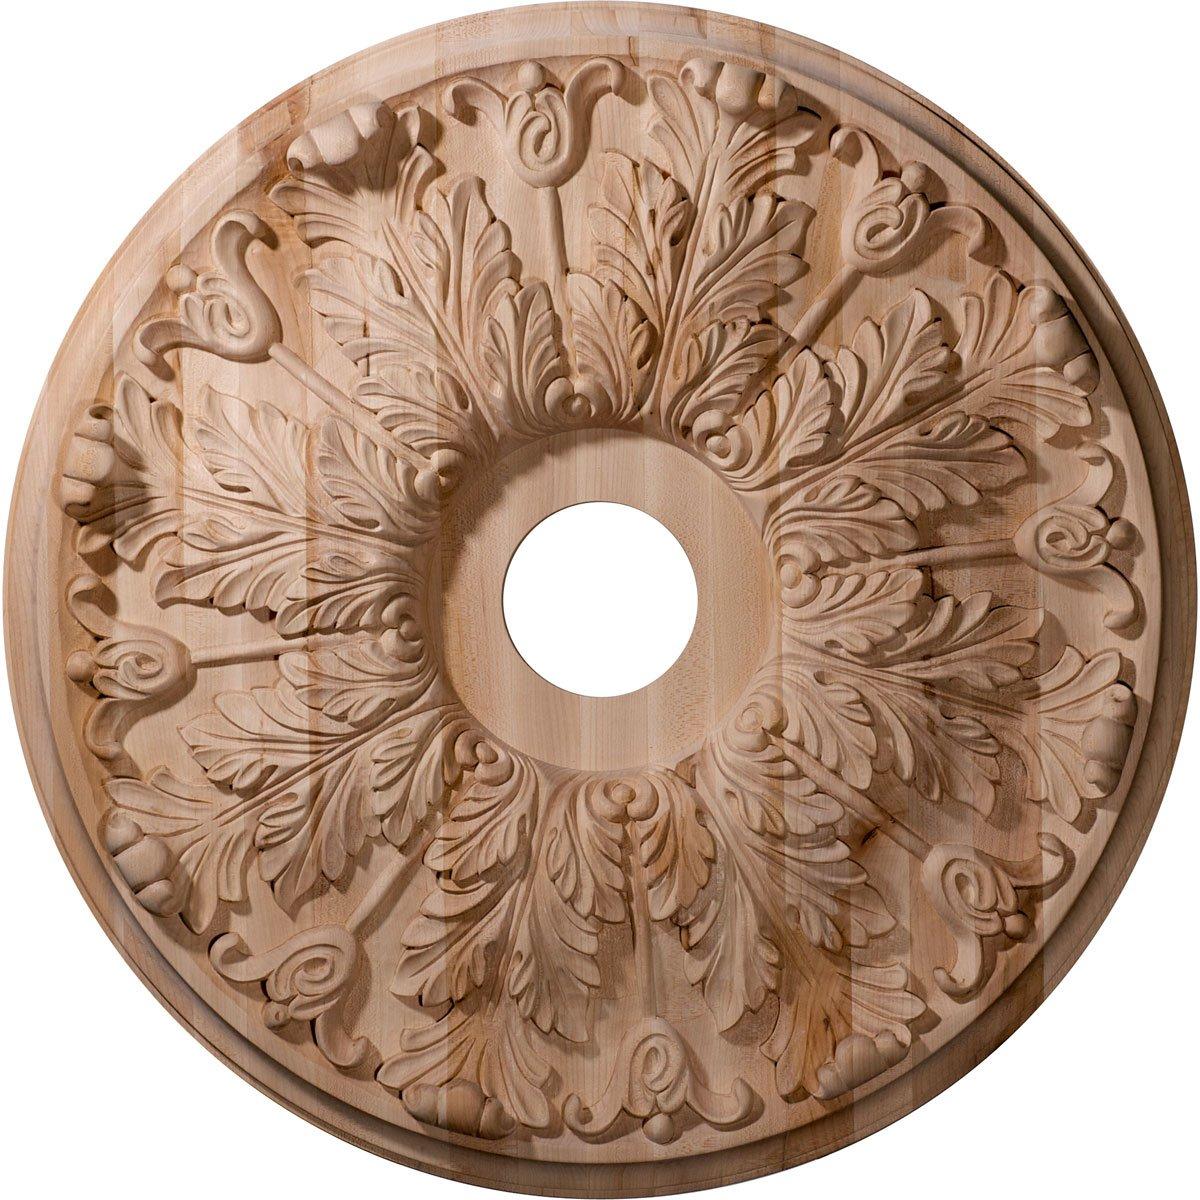 Ekena Millwork CMW24FLRO 24-Inch OD x 2 1/4-Inch P Carved Florentine Ceiling Medallion, Red Oak